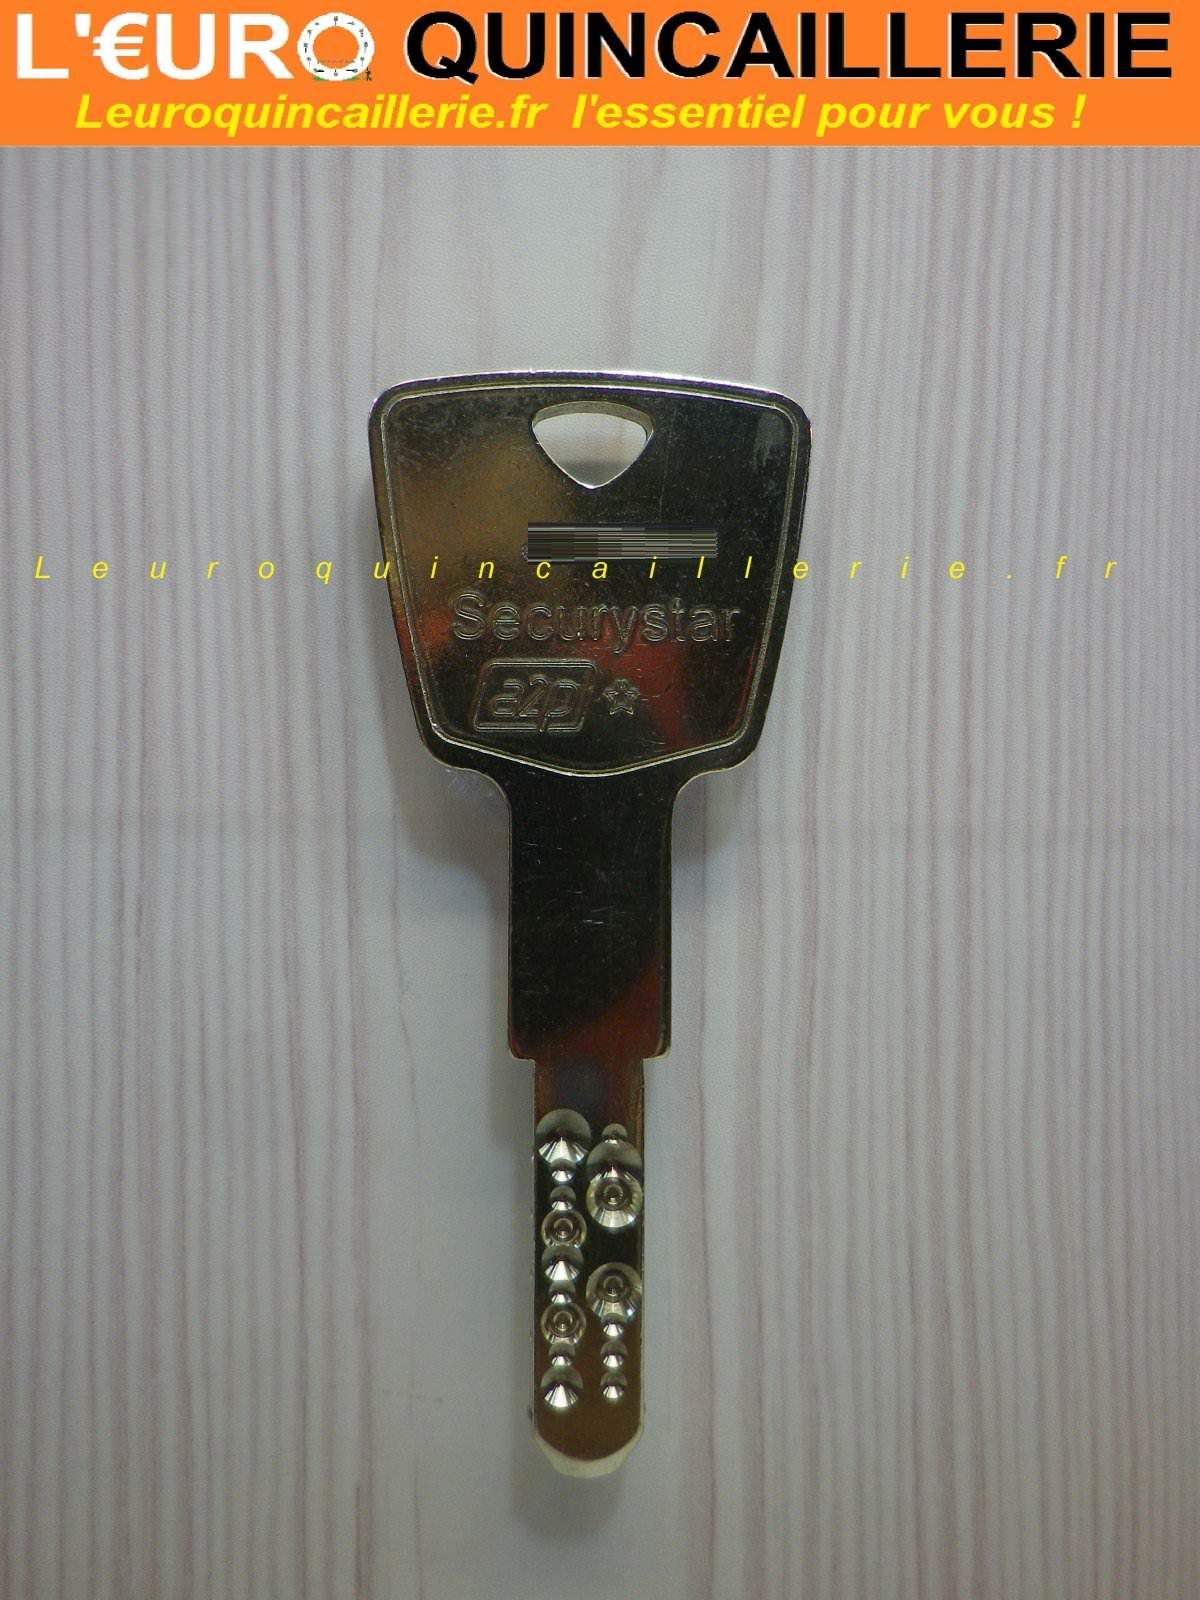 Clé brevetée Securystar Keso 2000 s Oméga sur numero